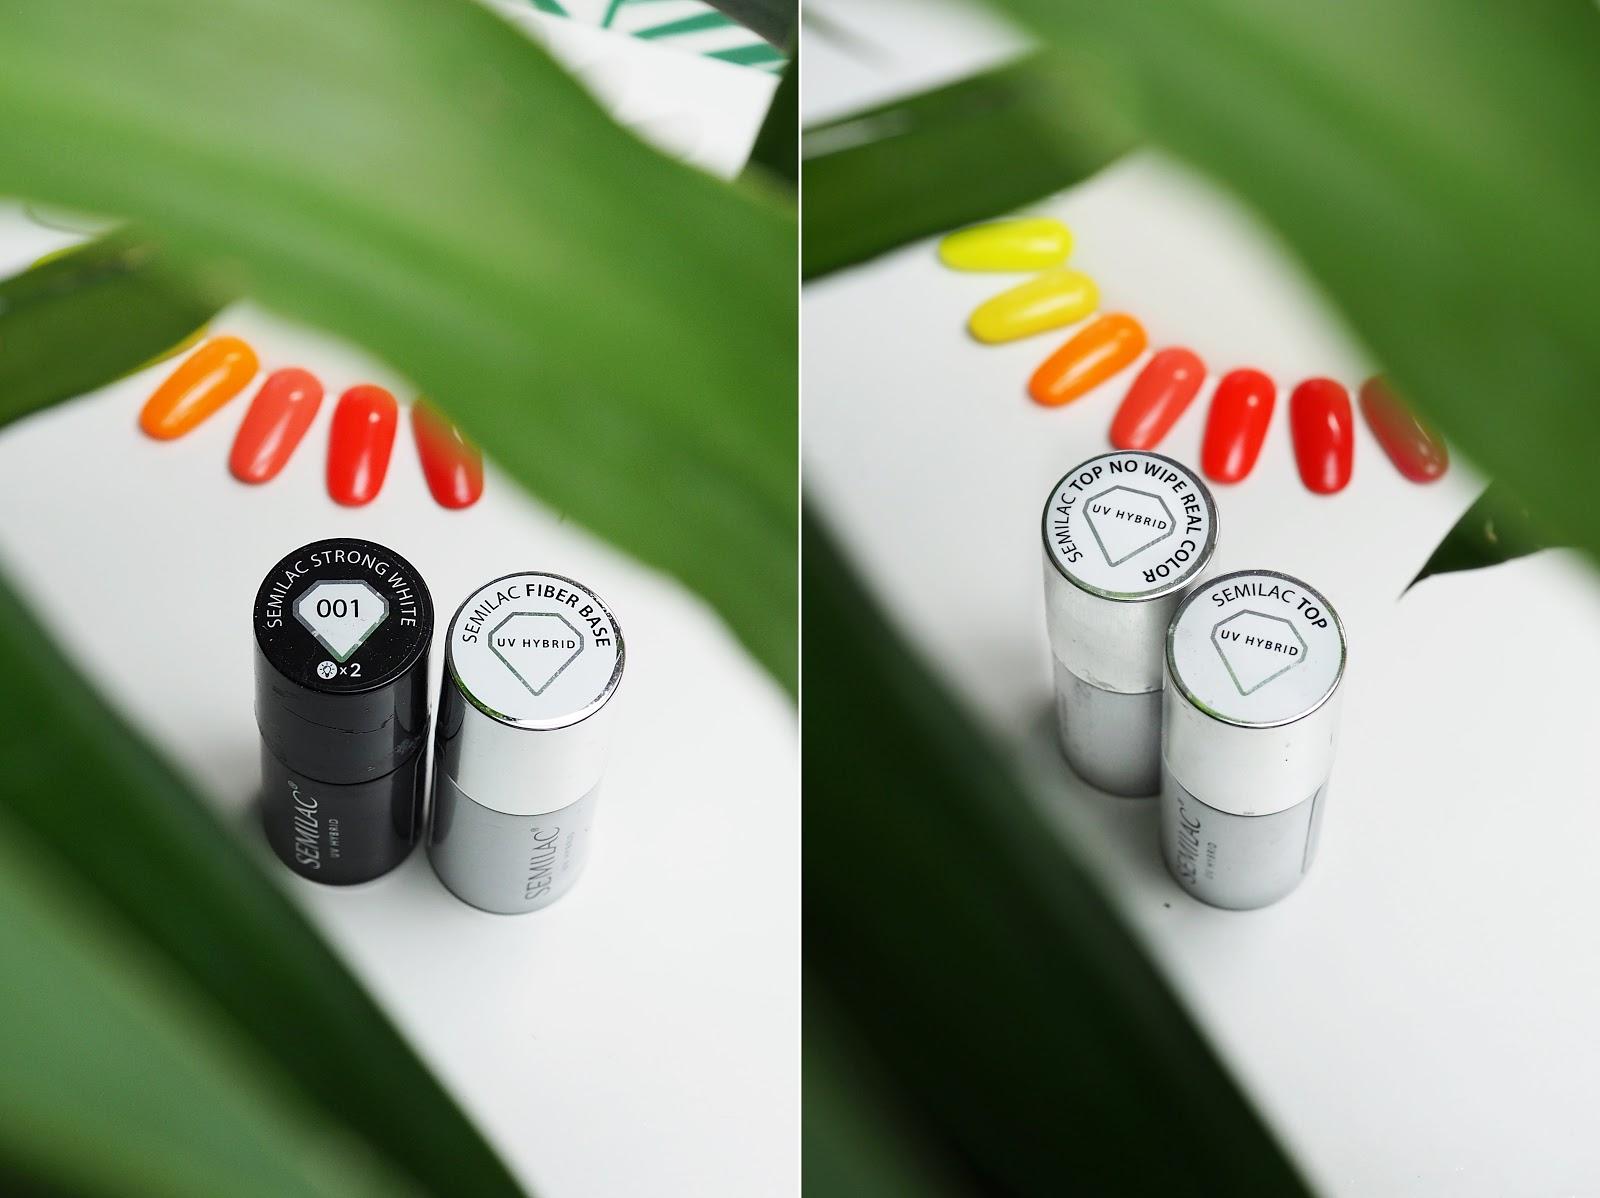 jak używać neonowych lakierów?